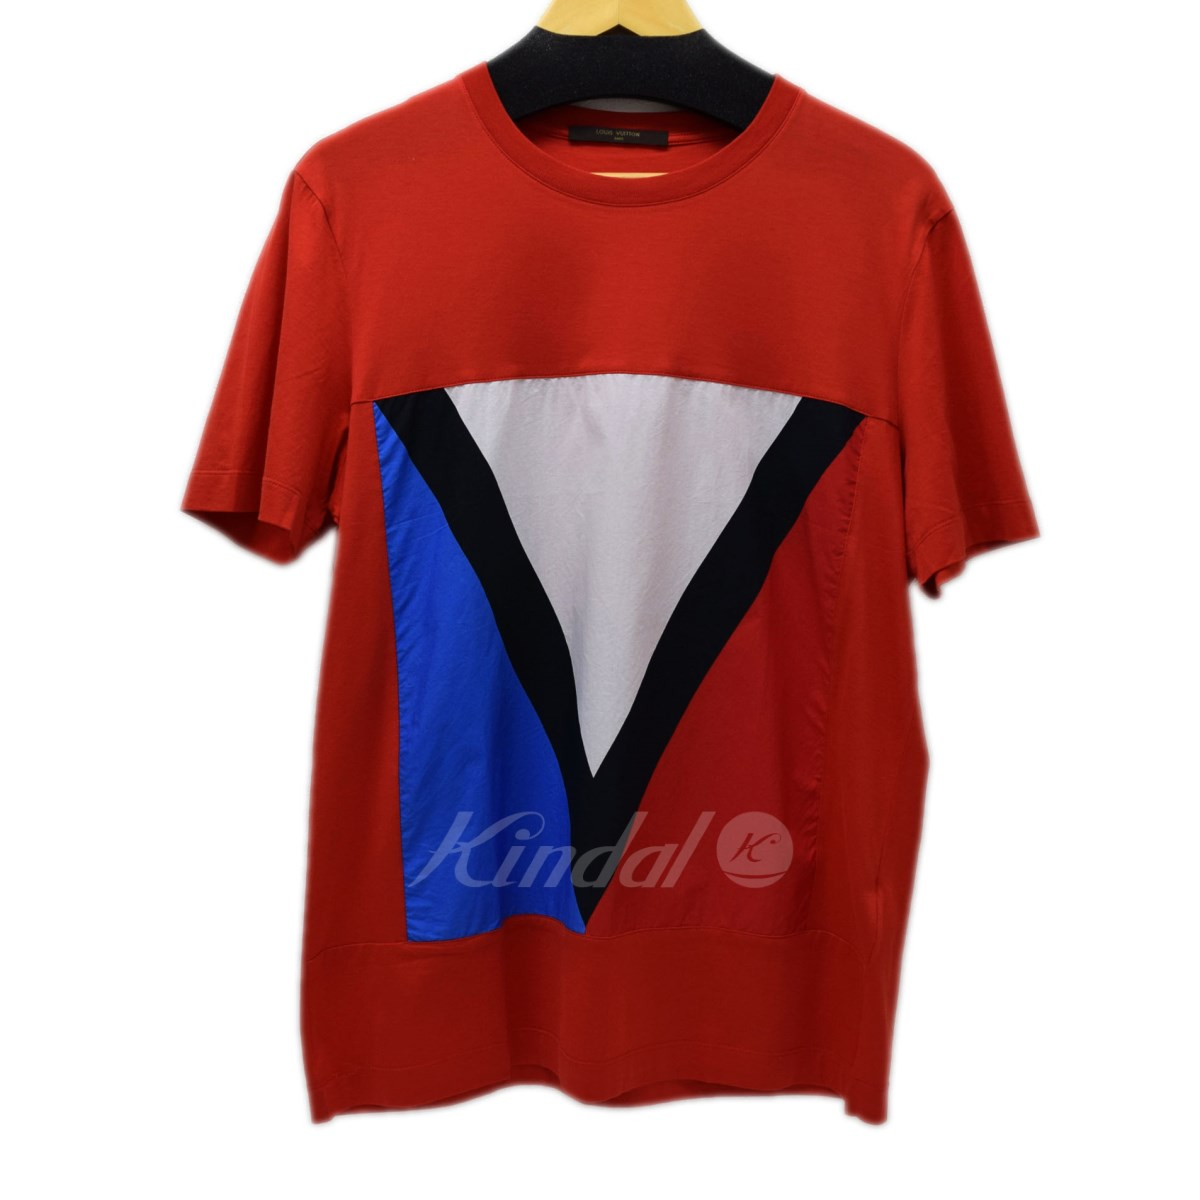 【中古】LOUIS VUITTON ガストンTシャツ レッド サイズ:L 【送料無料】 【120518】(ルイヴィトン)